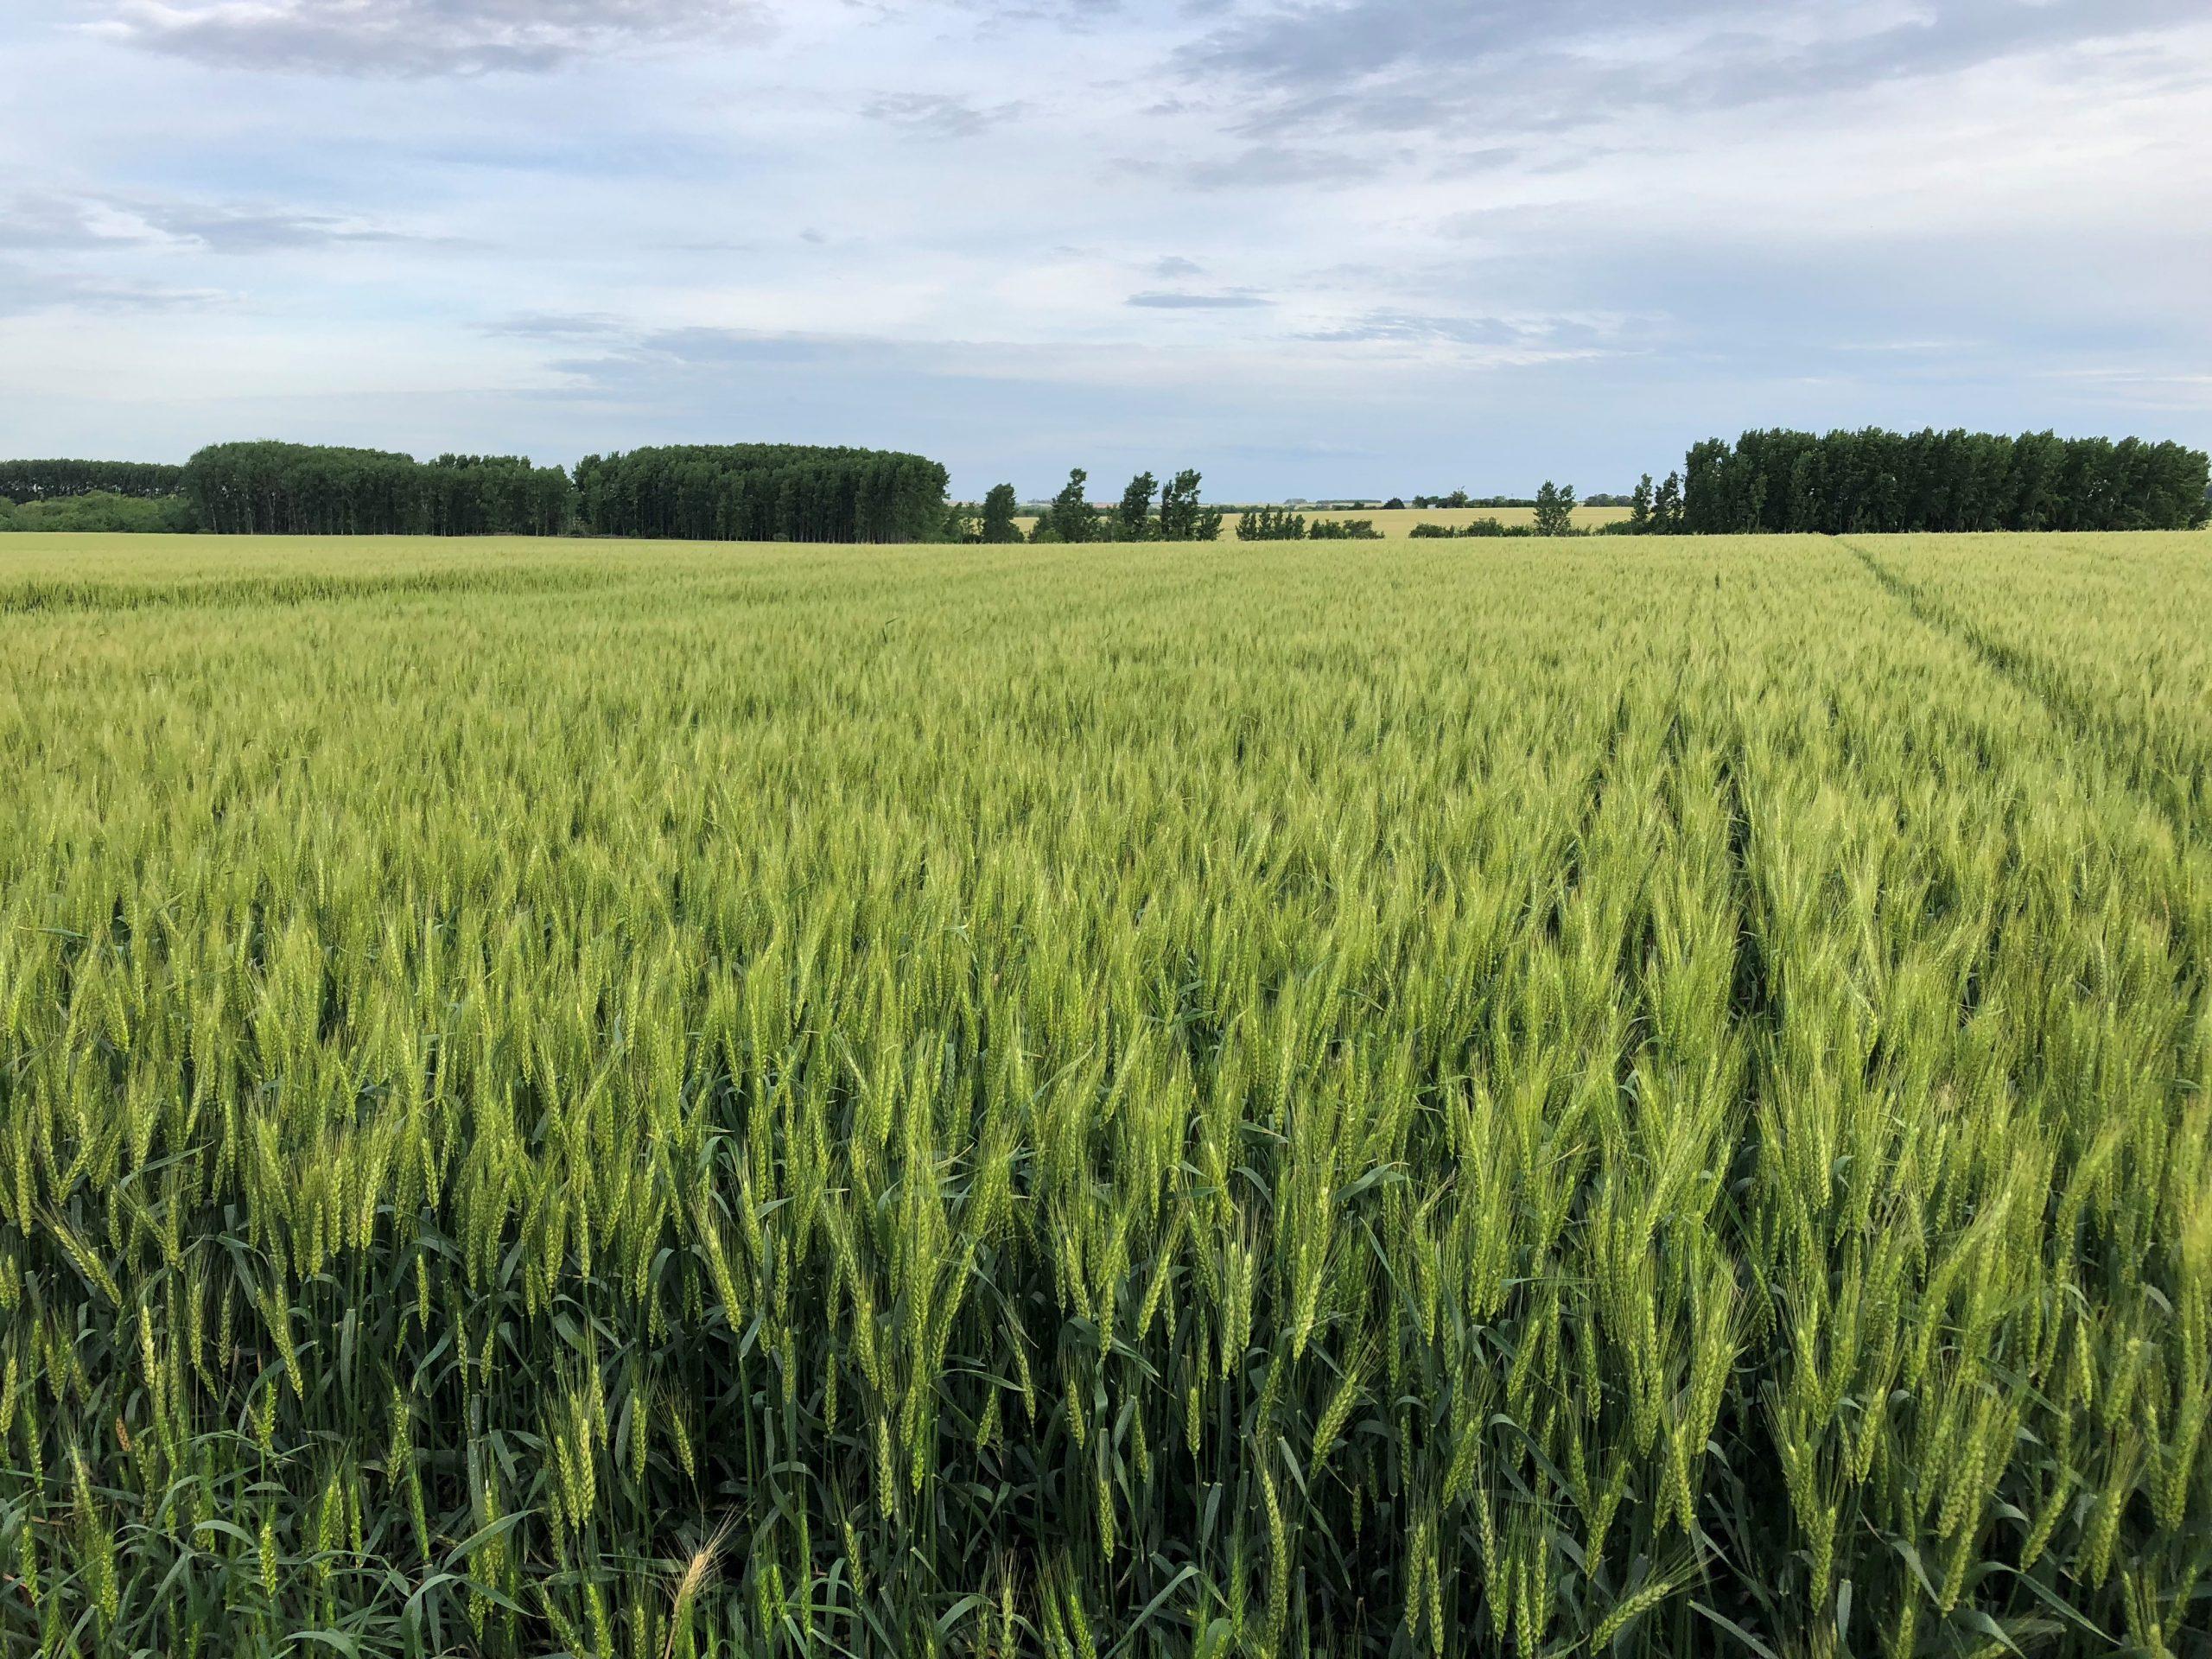 Especialistas analizaron las claves para potenciar el sector agropecuario en la 6ta edición de ADP Zone